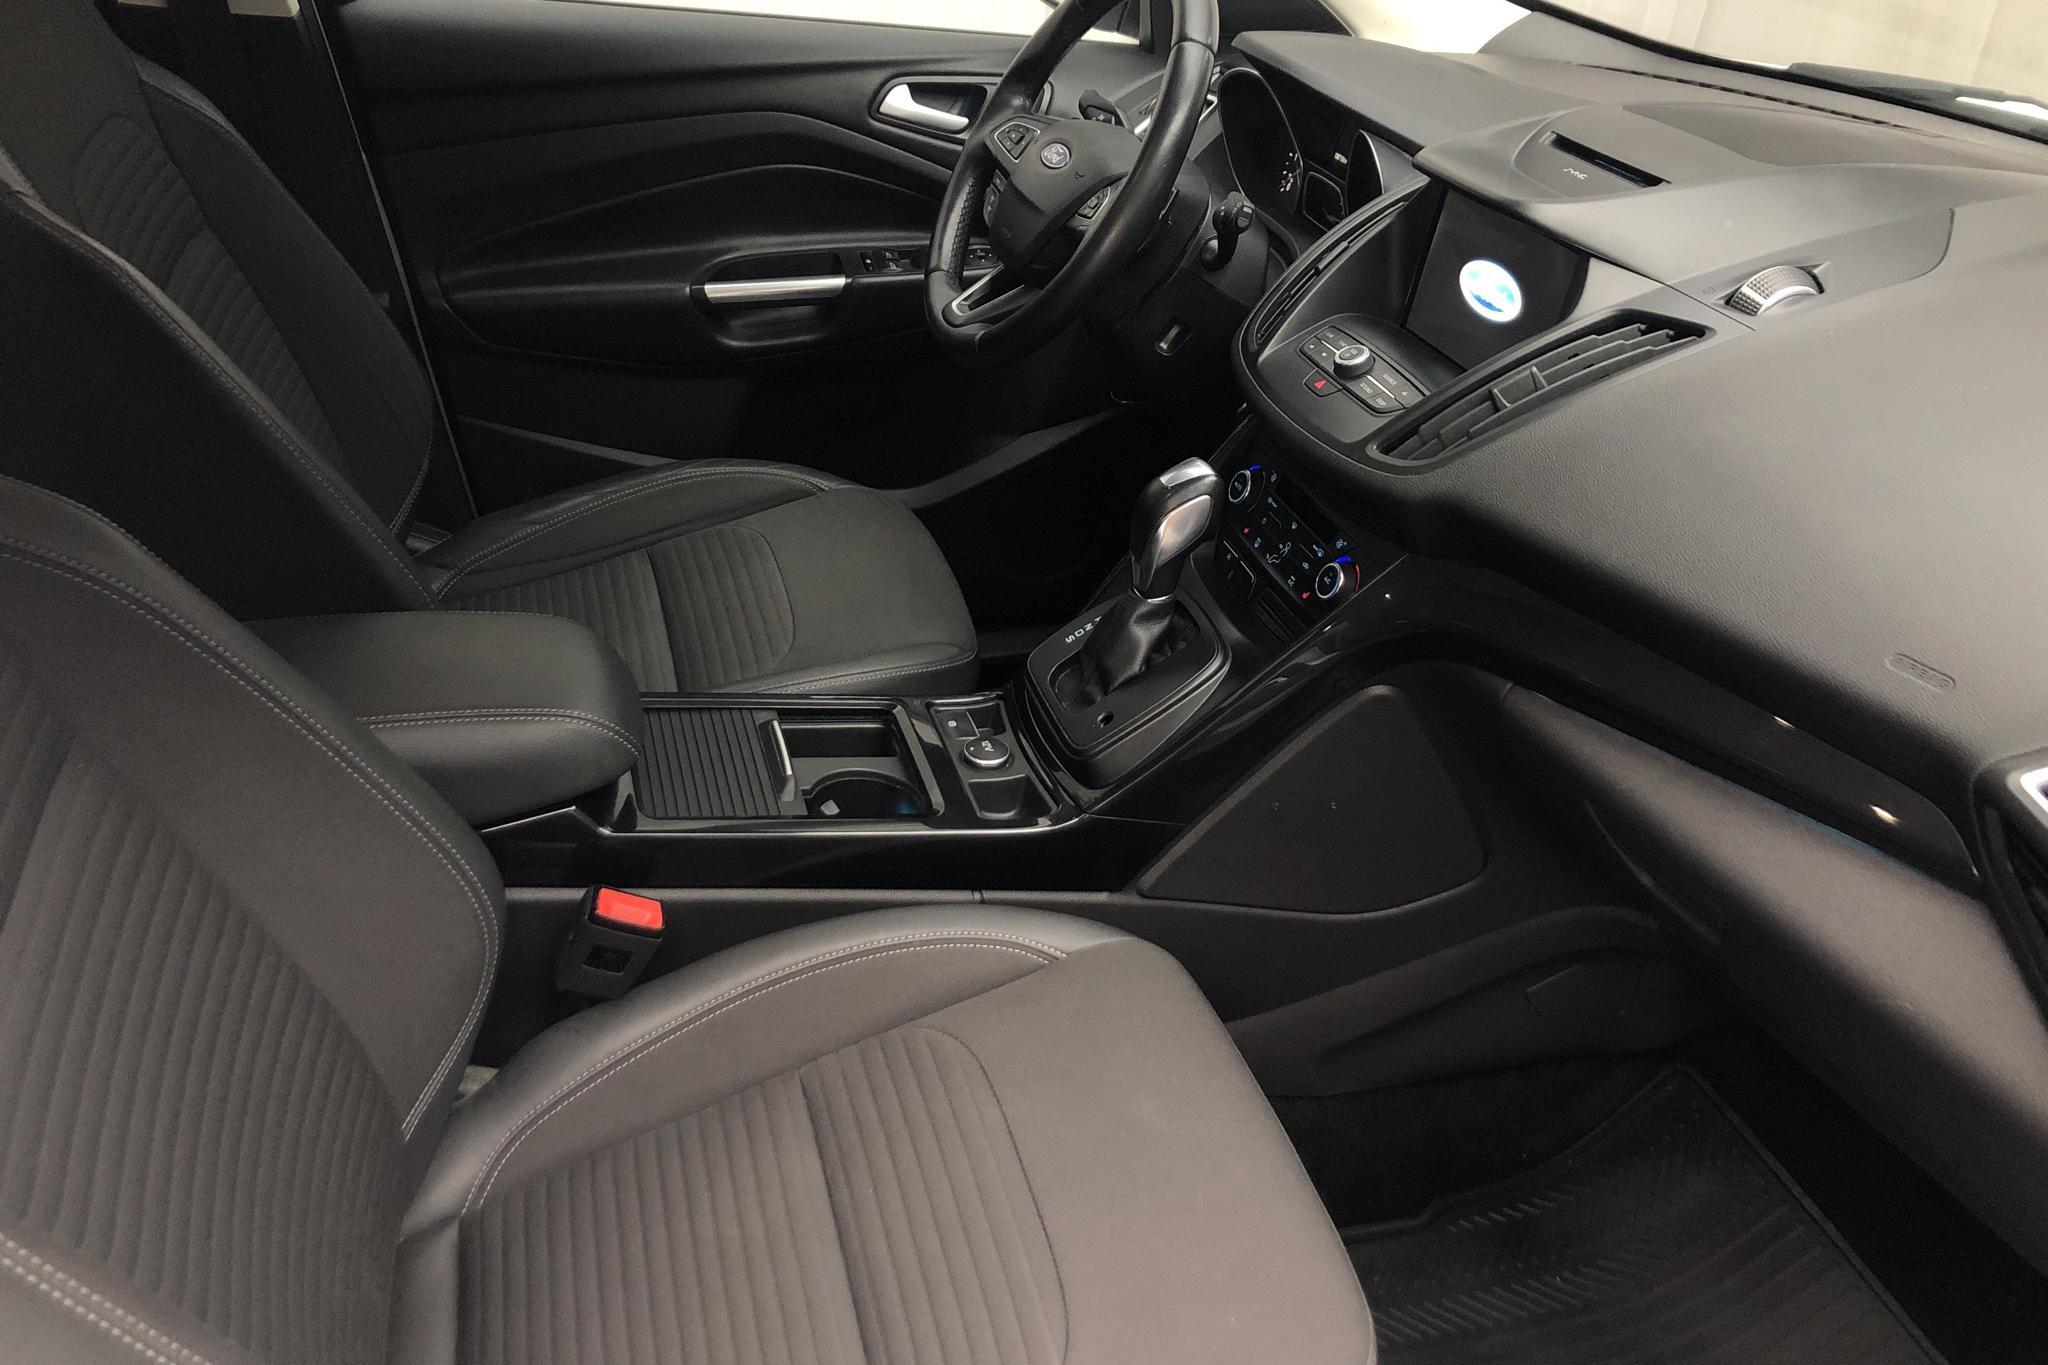 Ford Kuga 2.0 TDCi AWD (150hk) - 10 671 mil - Automat - vit - 2018